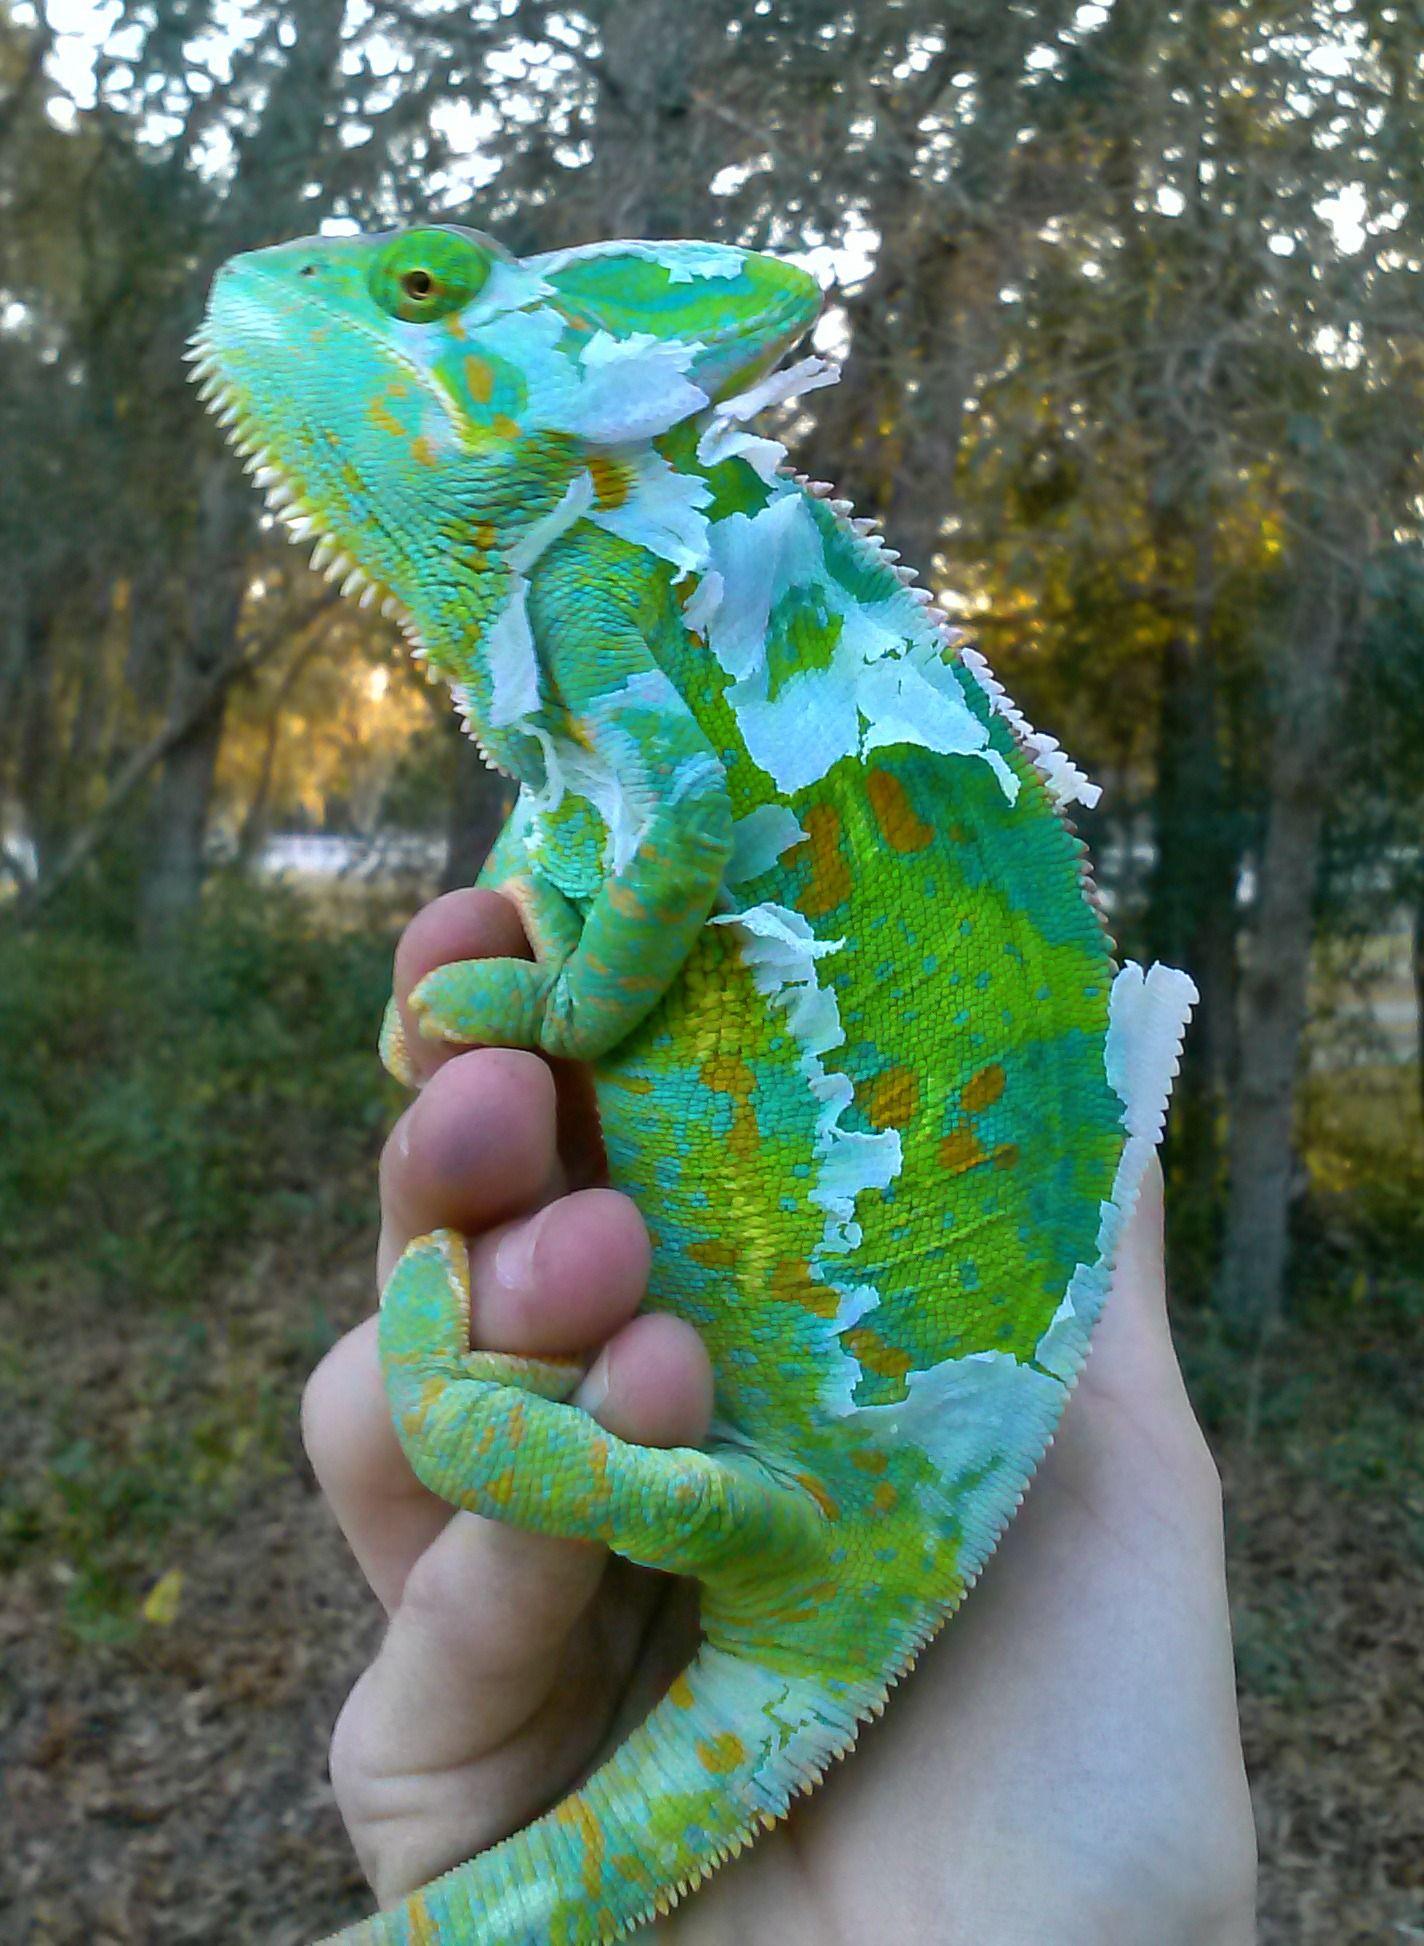 Veiled Chameleon Female Shedding Cute reptiles